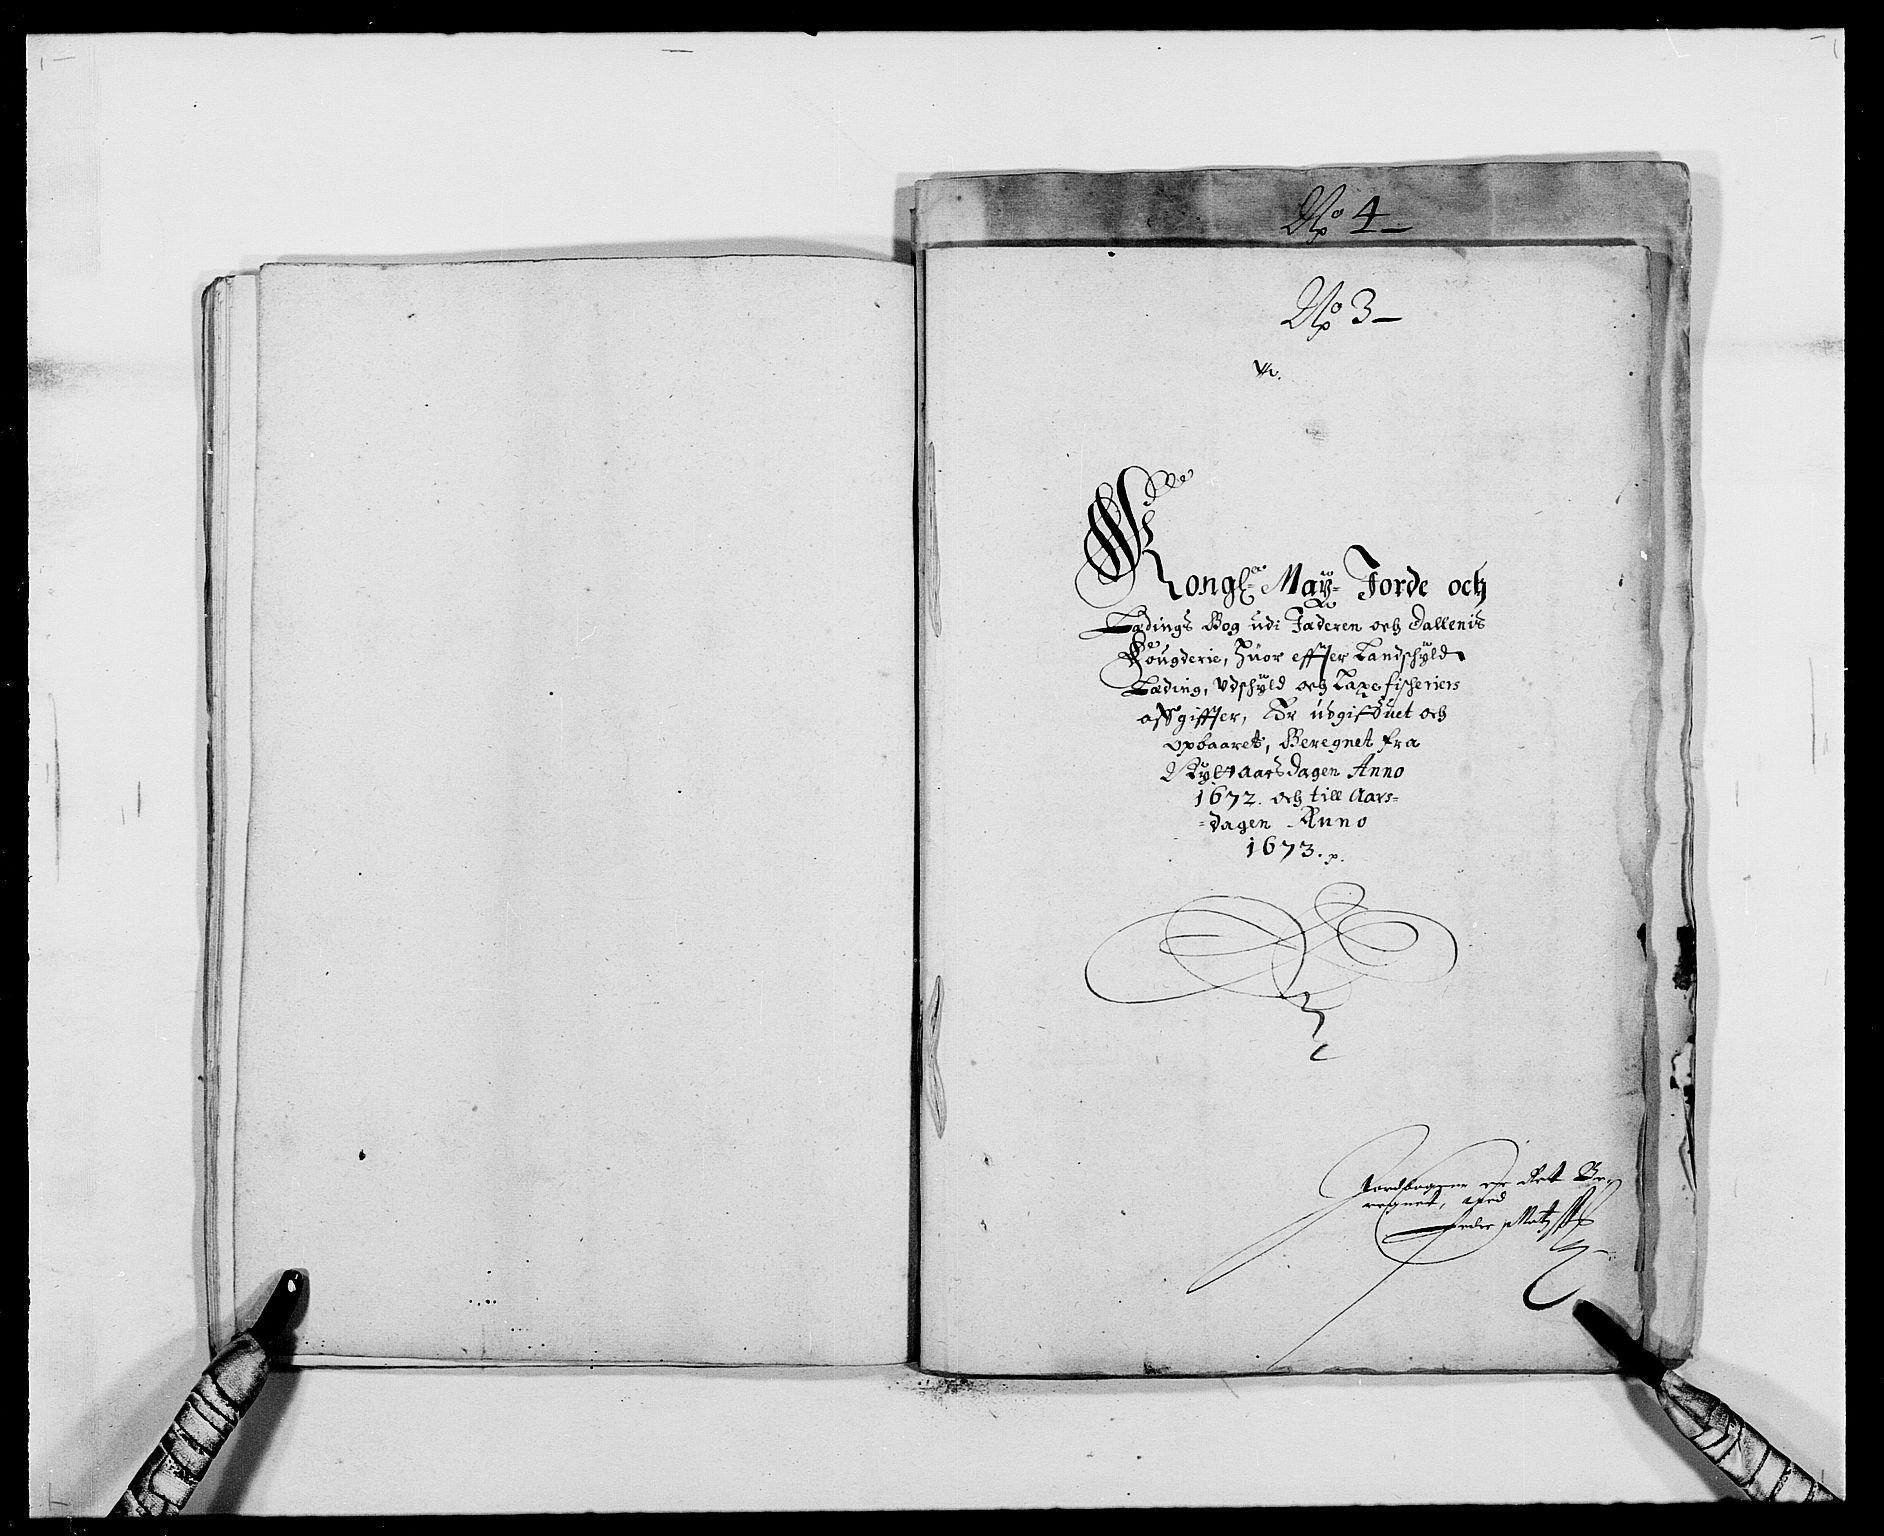 RA, Rentekammeret inntil 1814, Reviderte regnskaper, Fogderegnskap, R46/L2713: Fogderegnskap Jæren og Dalane, 1671-1672, s. 235